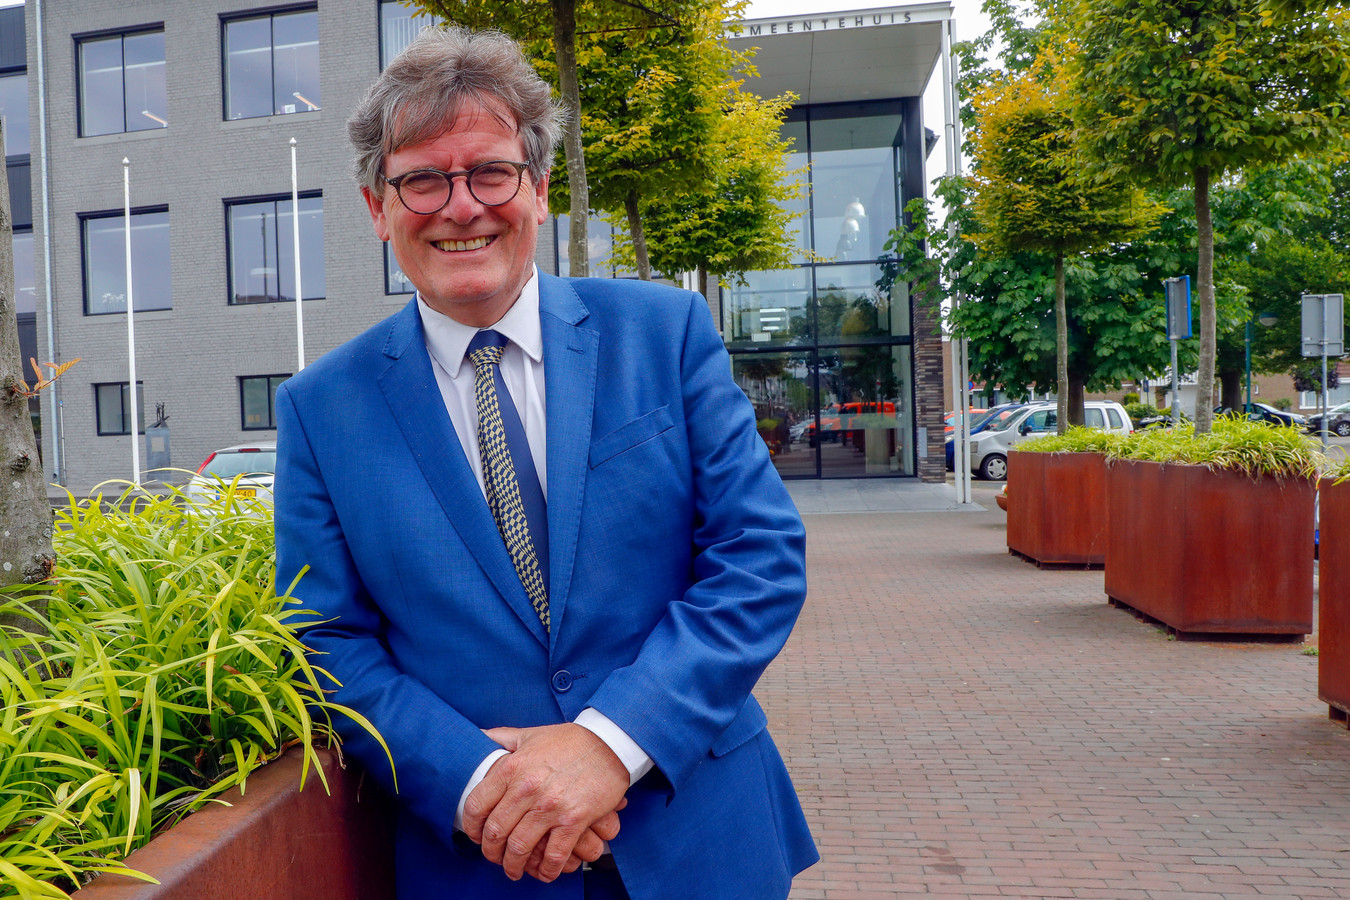 Als landelijk ketenmarinier heeft Jur Verbeek de opdracht en de mogelijkheden om het probleem van de criminele asielzoekers aan te pakken.